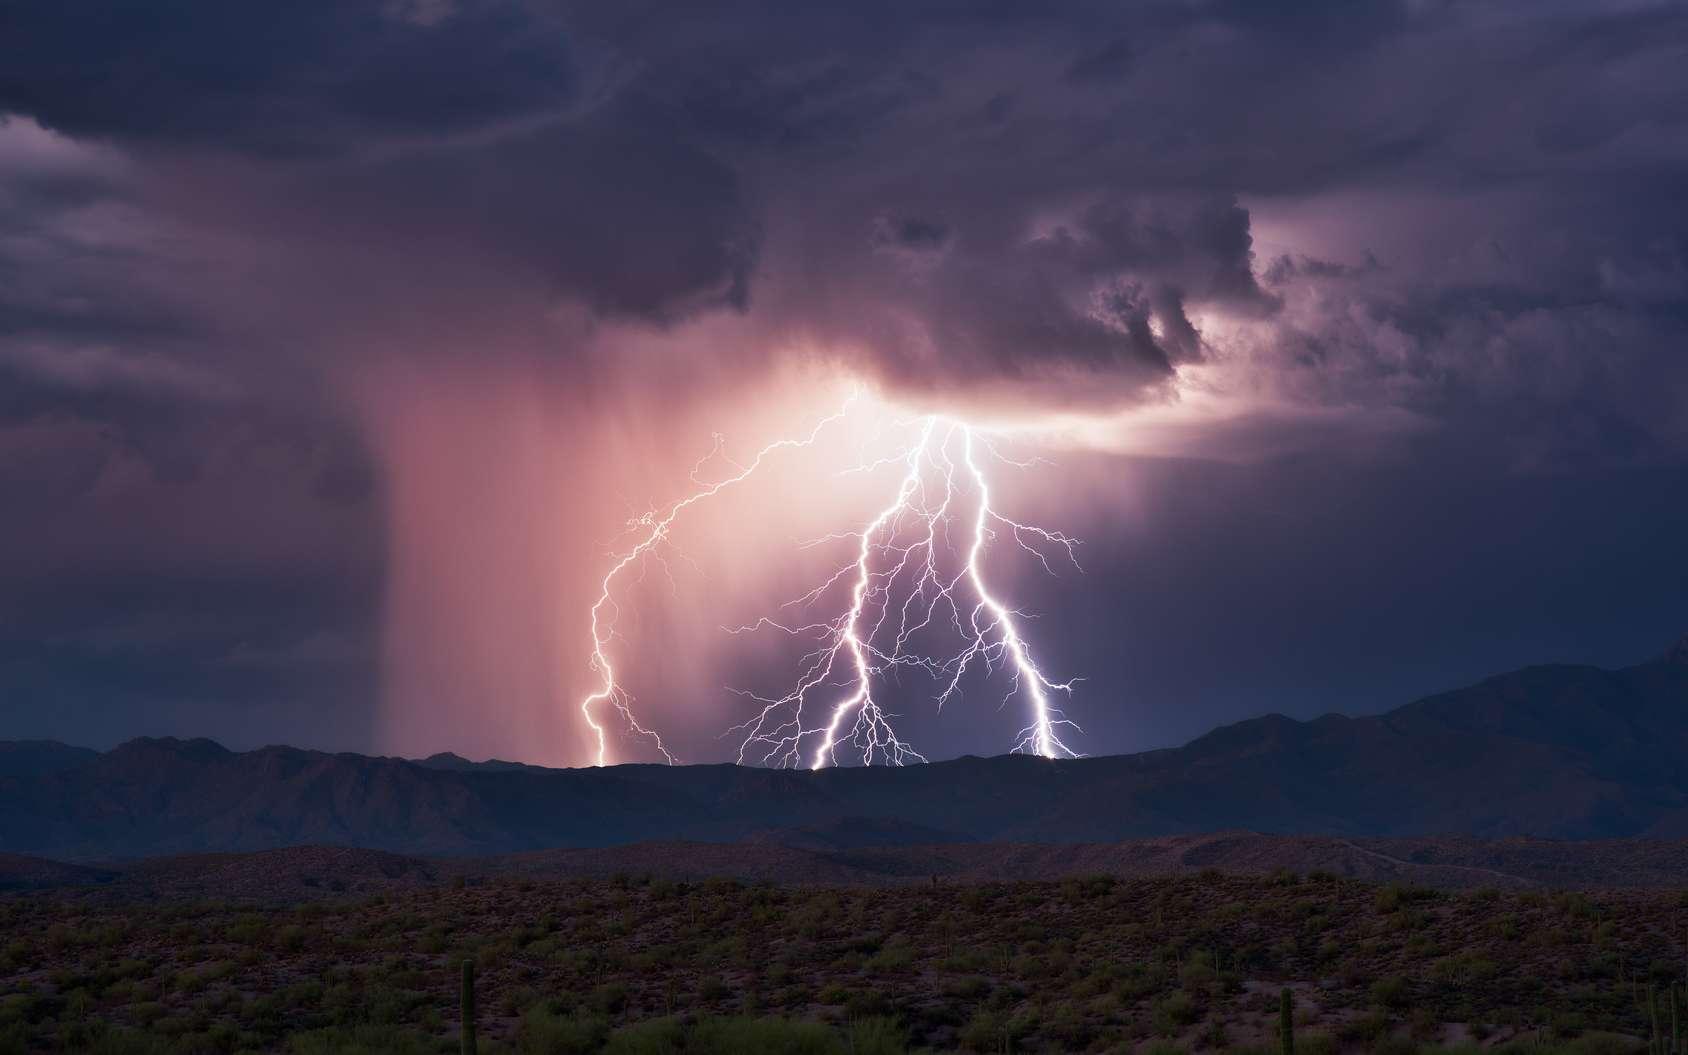 Les orages sont parmi les phénomènes météorologiques les plus difficiles à prévoir du fait de leur caractère bref et extrêmement local notamment. © mdesigner125, fotolia